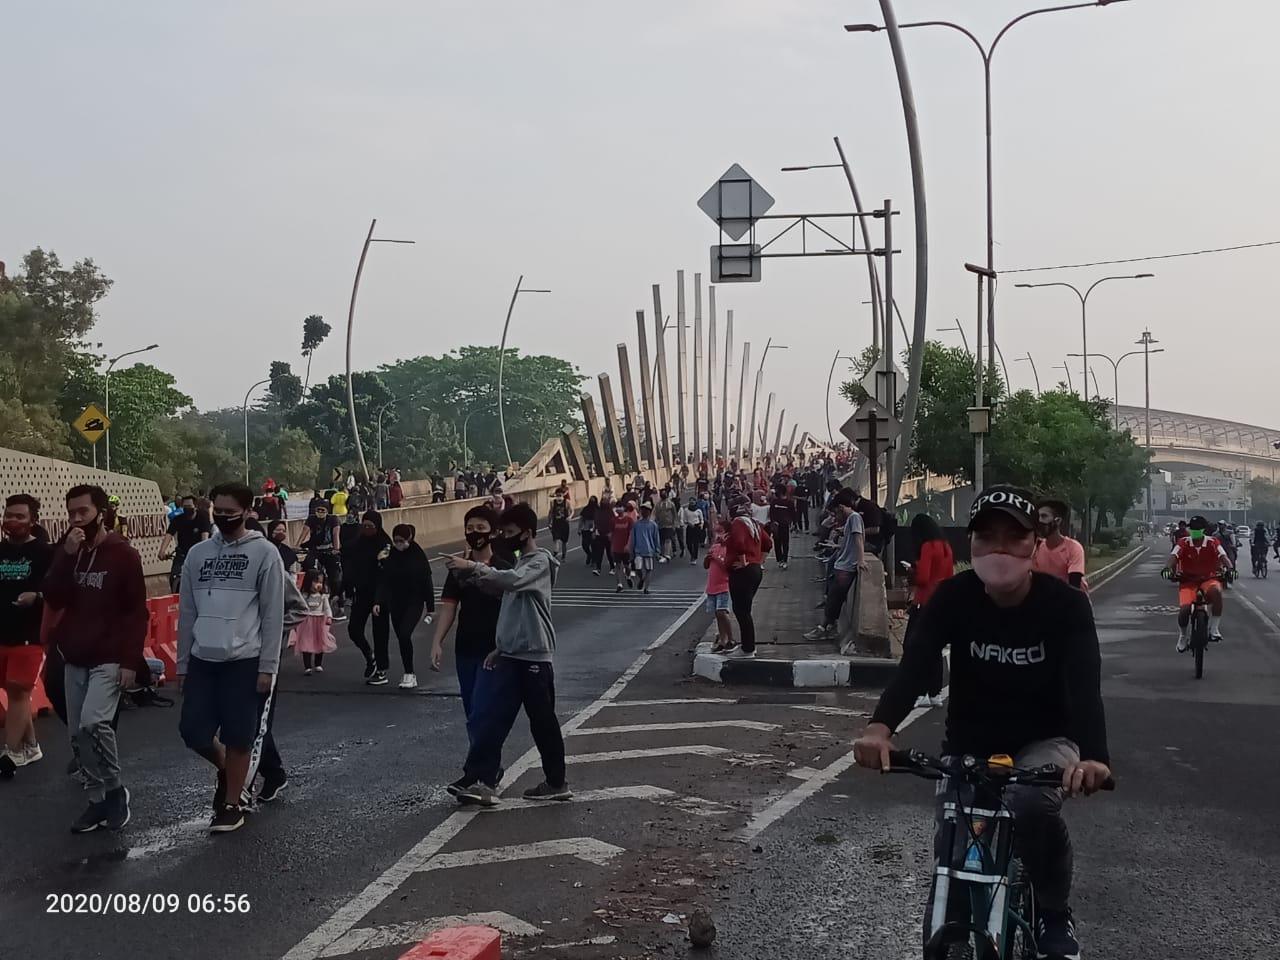 CFD Kota Bekasi Kembali Dibuka, Warga Dihimbau Terapkan Protokol Kesehatan